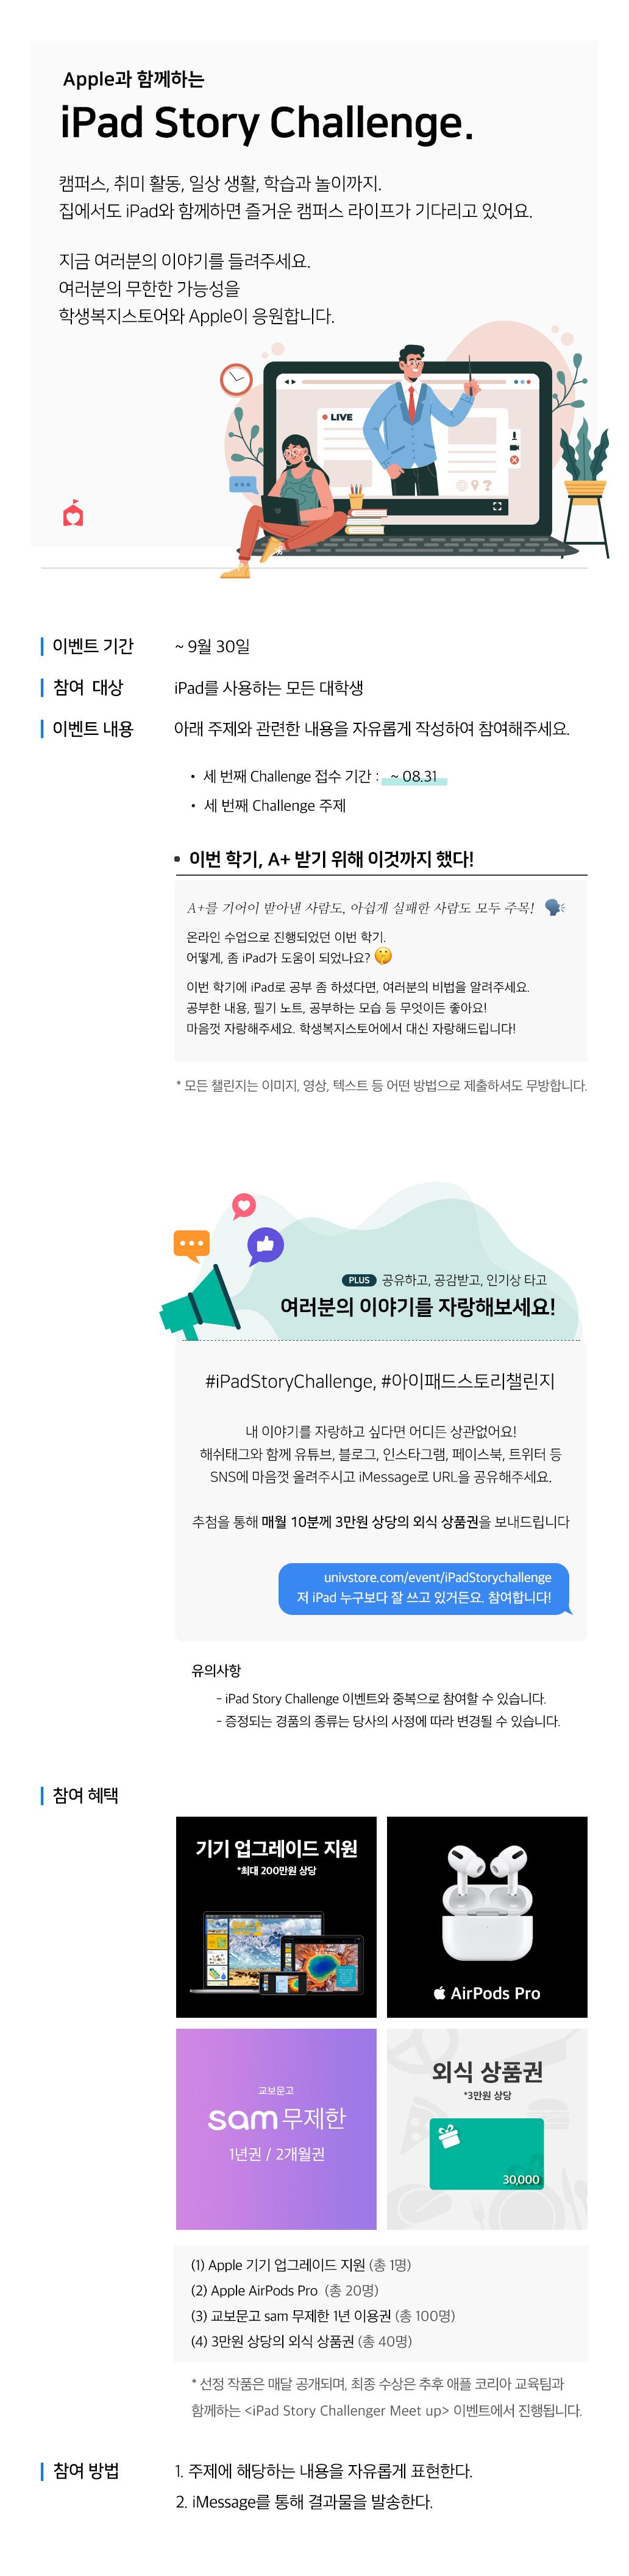 학생복지스토어 iPad Story Challenge